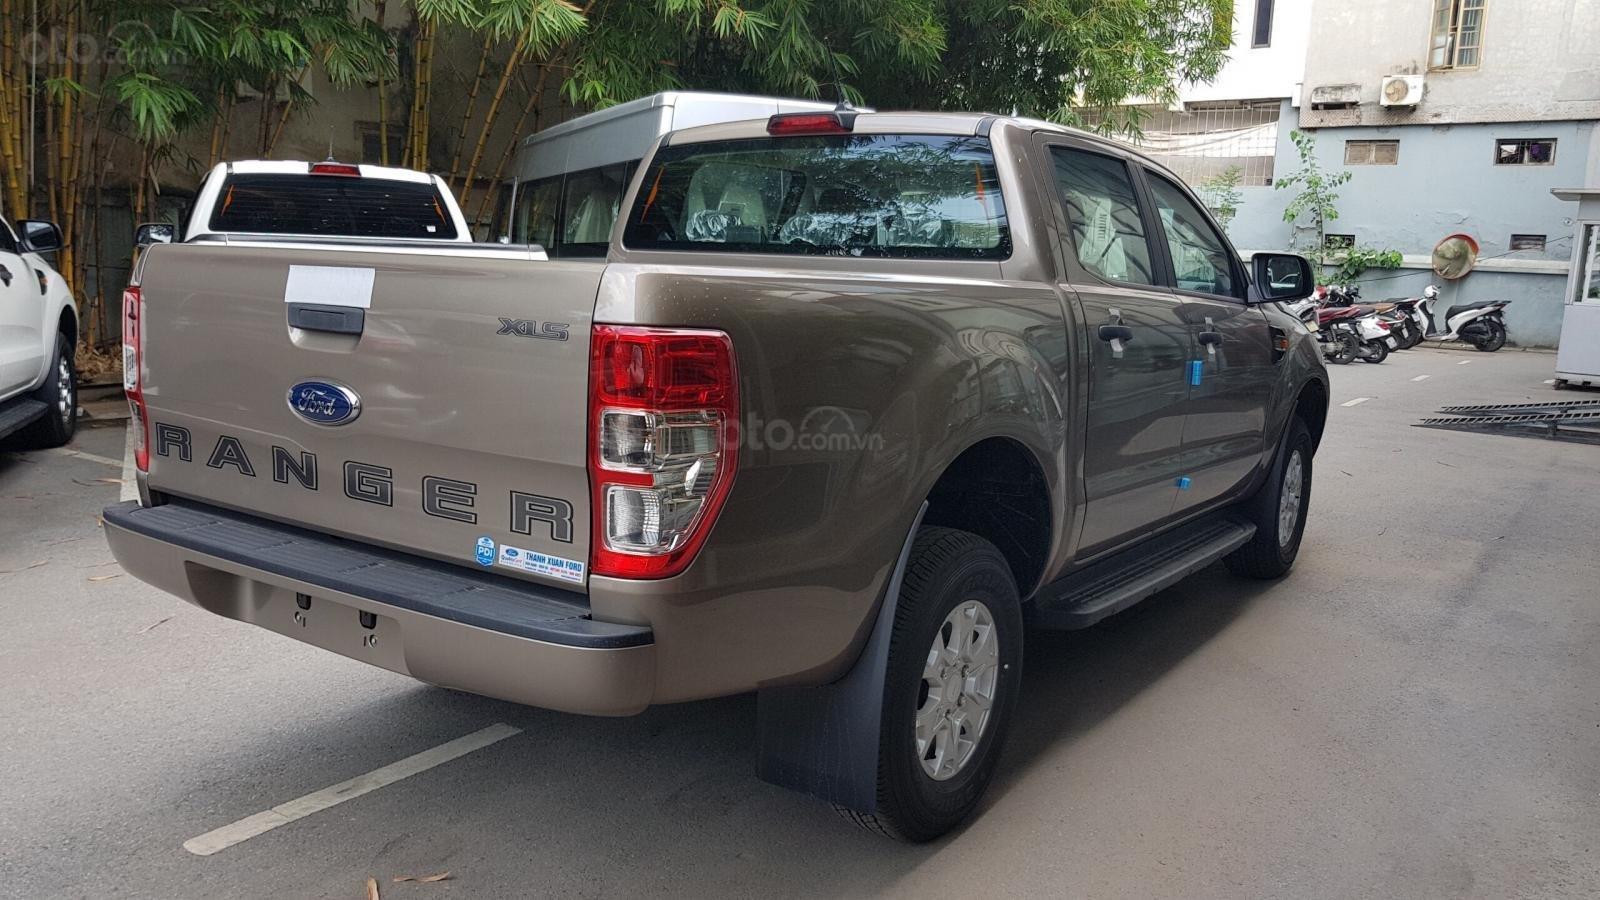 Ford Ranger XL, XLS, XLT, Wildtrak 2020 trả trước 160 triệu lấy xe ngay, giảm đến 70 triệu kèm nhiều phụ kiện hấp dẫn (2)